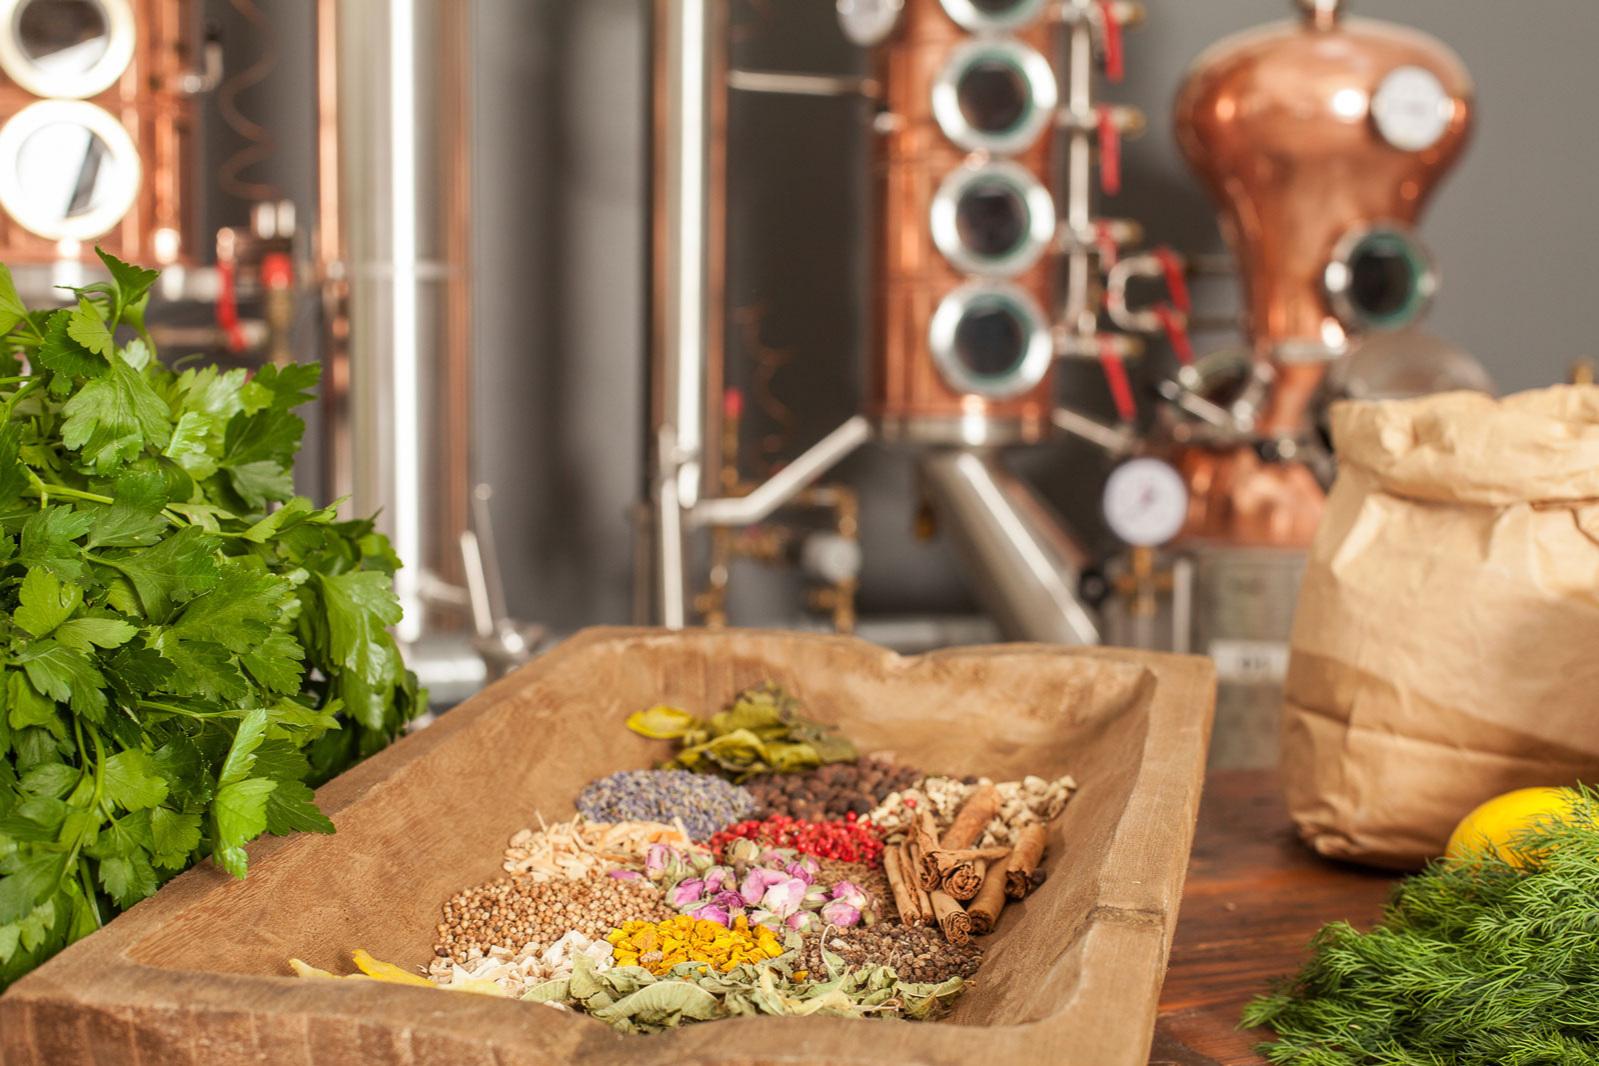 Hanseatische Qualität aus Bio-Anbau - NORDCRAFT Dry Botanical Spirit ist ein waschechter Hanseat: Unsere Kräuter und Botanicals, die wir frisch für ihn ansetzen, stammen original aus Hamburg und Umgebung, zum Teil aus Bio-Anbau. In der NORDCRAFT Destillerie in Altona werden sie dann in liebevoller Handarbeit sorgfältig verarbeitet.